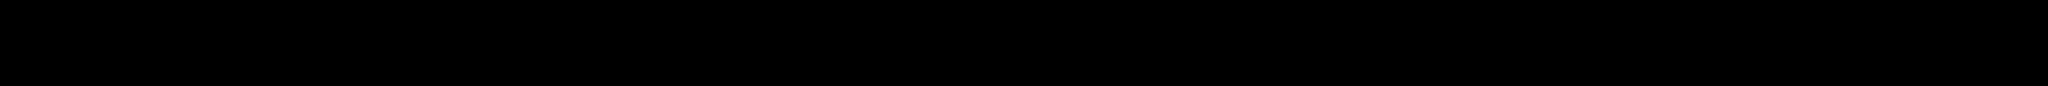 MANN-FILTER 510 9539 1, 1J878-32431, HH153-32430, VW06A115561B, 171 941 Ölfilter